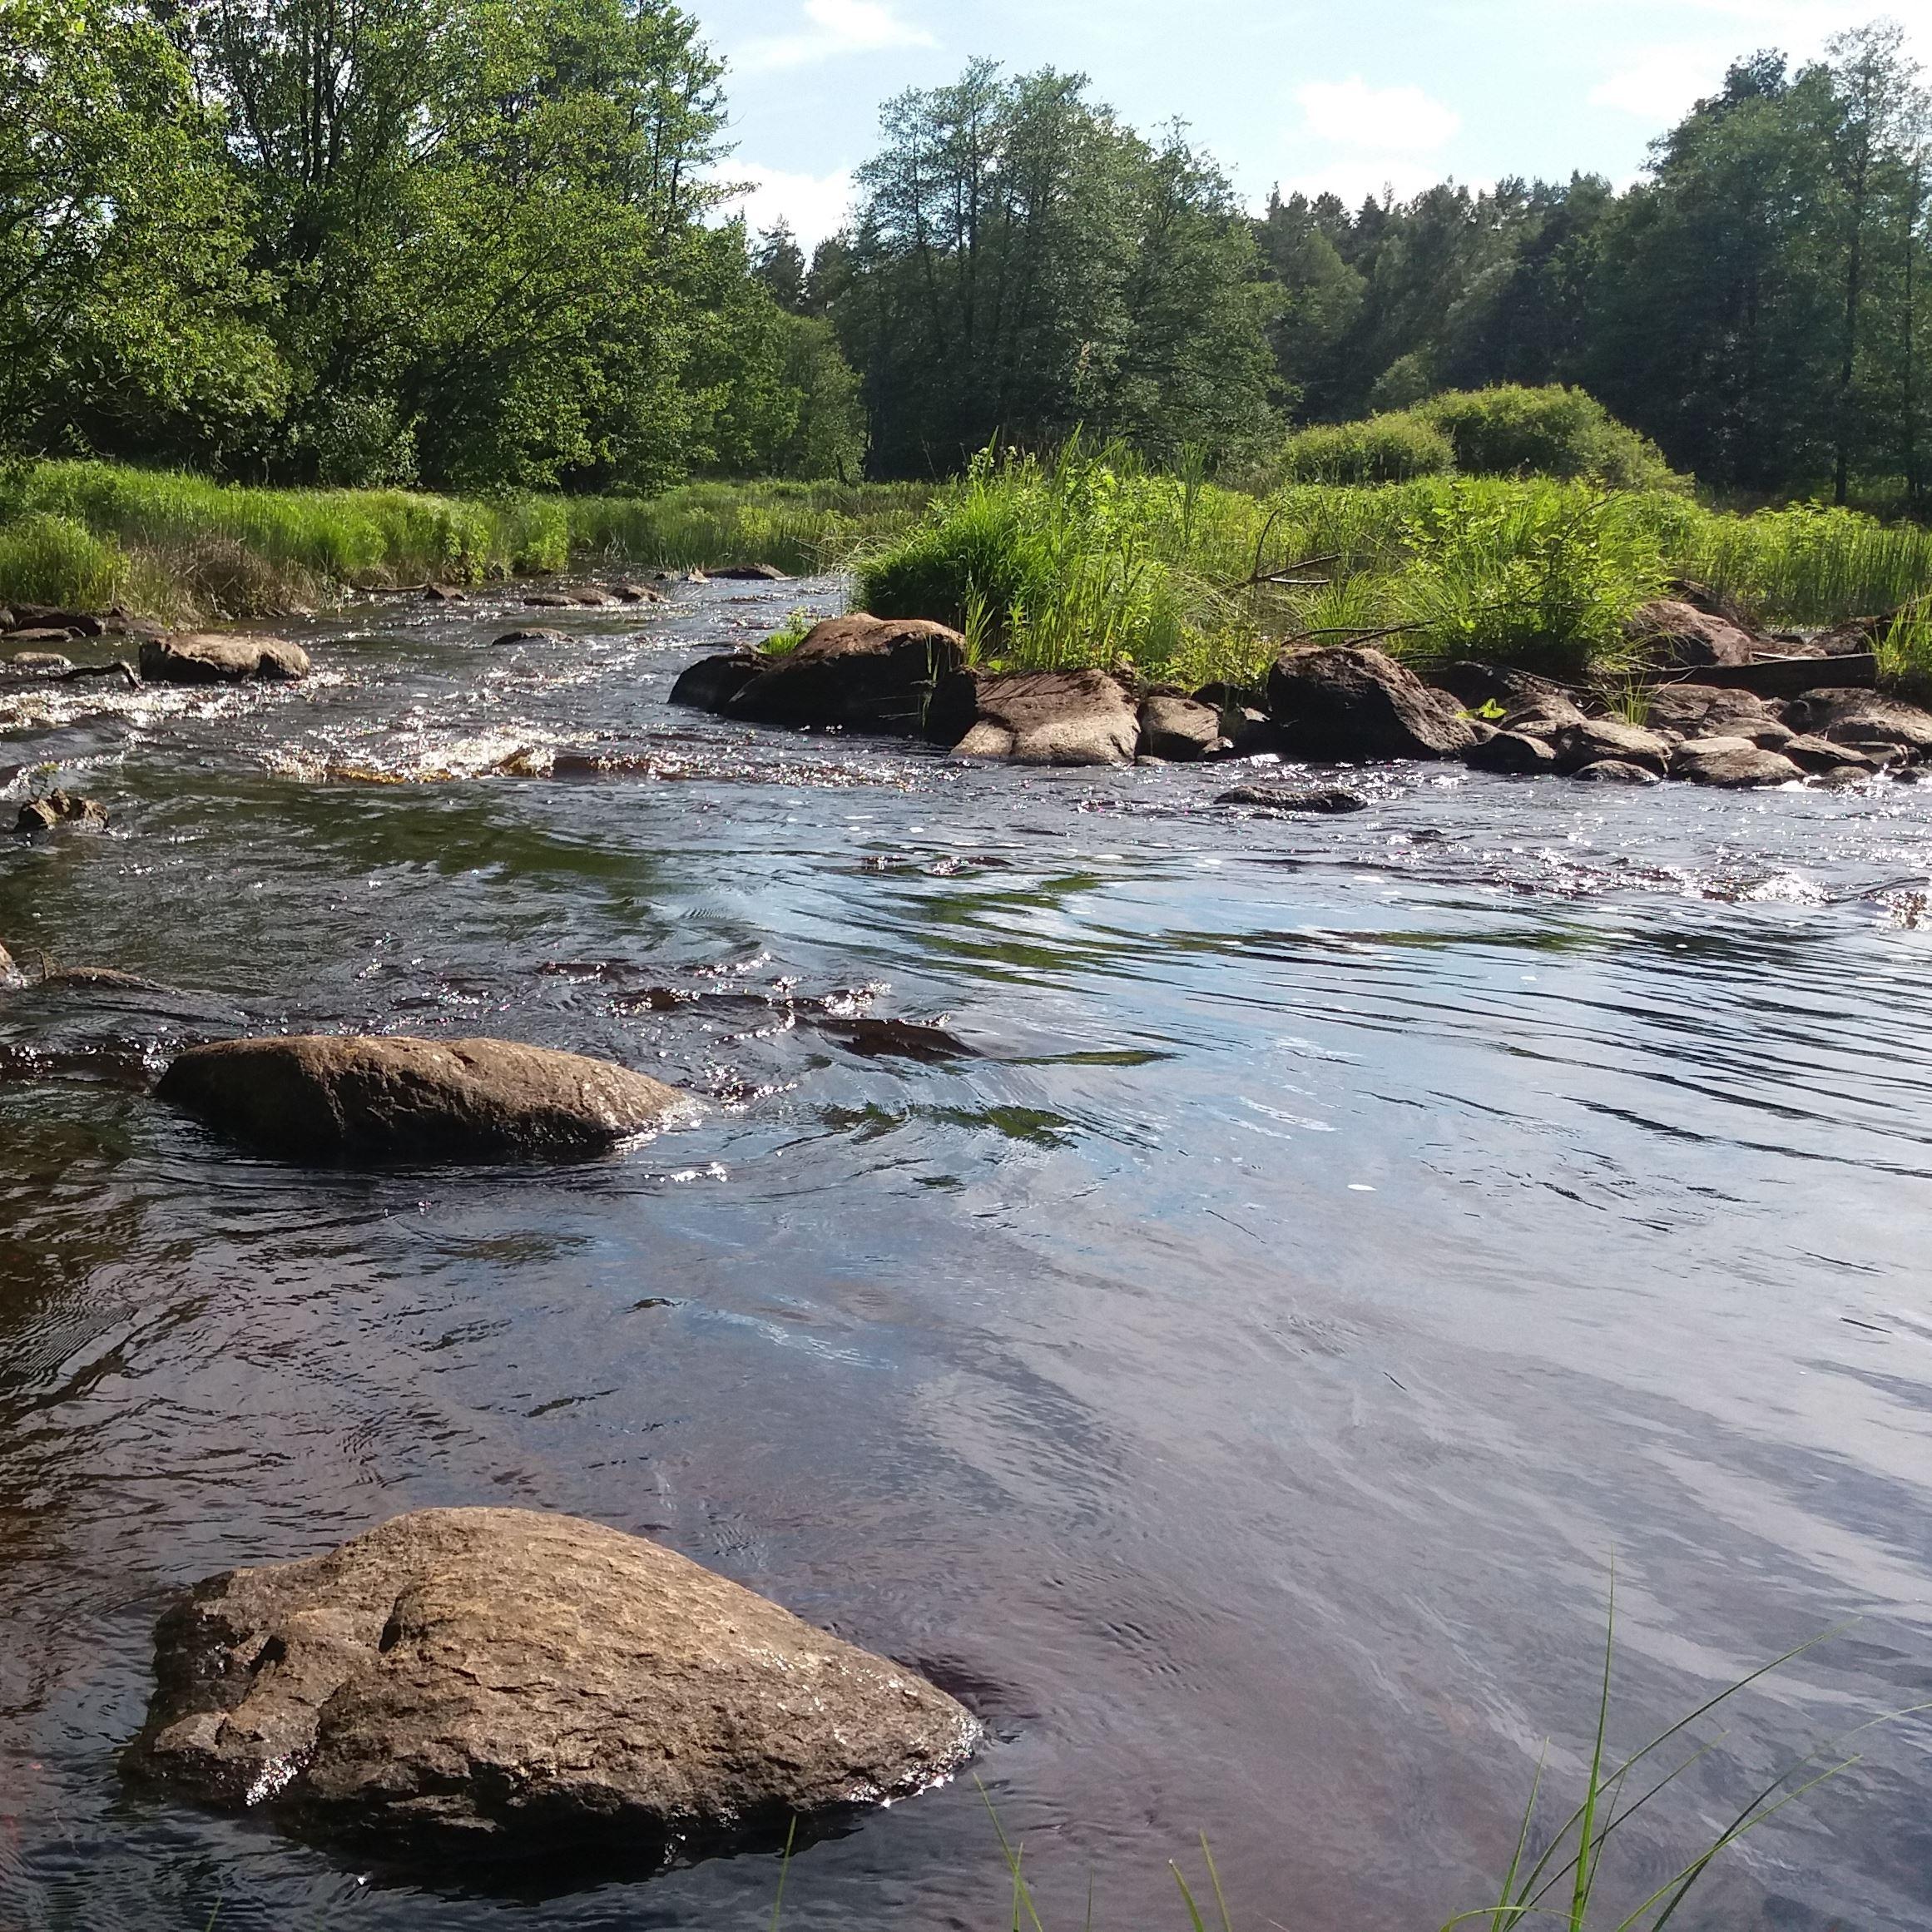 Helge å (Delary - Hallaryd - Visseltofta), fiske